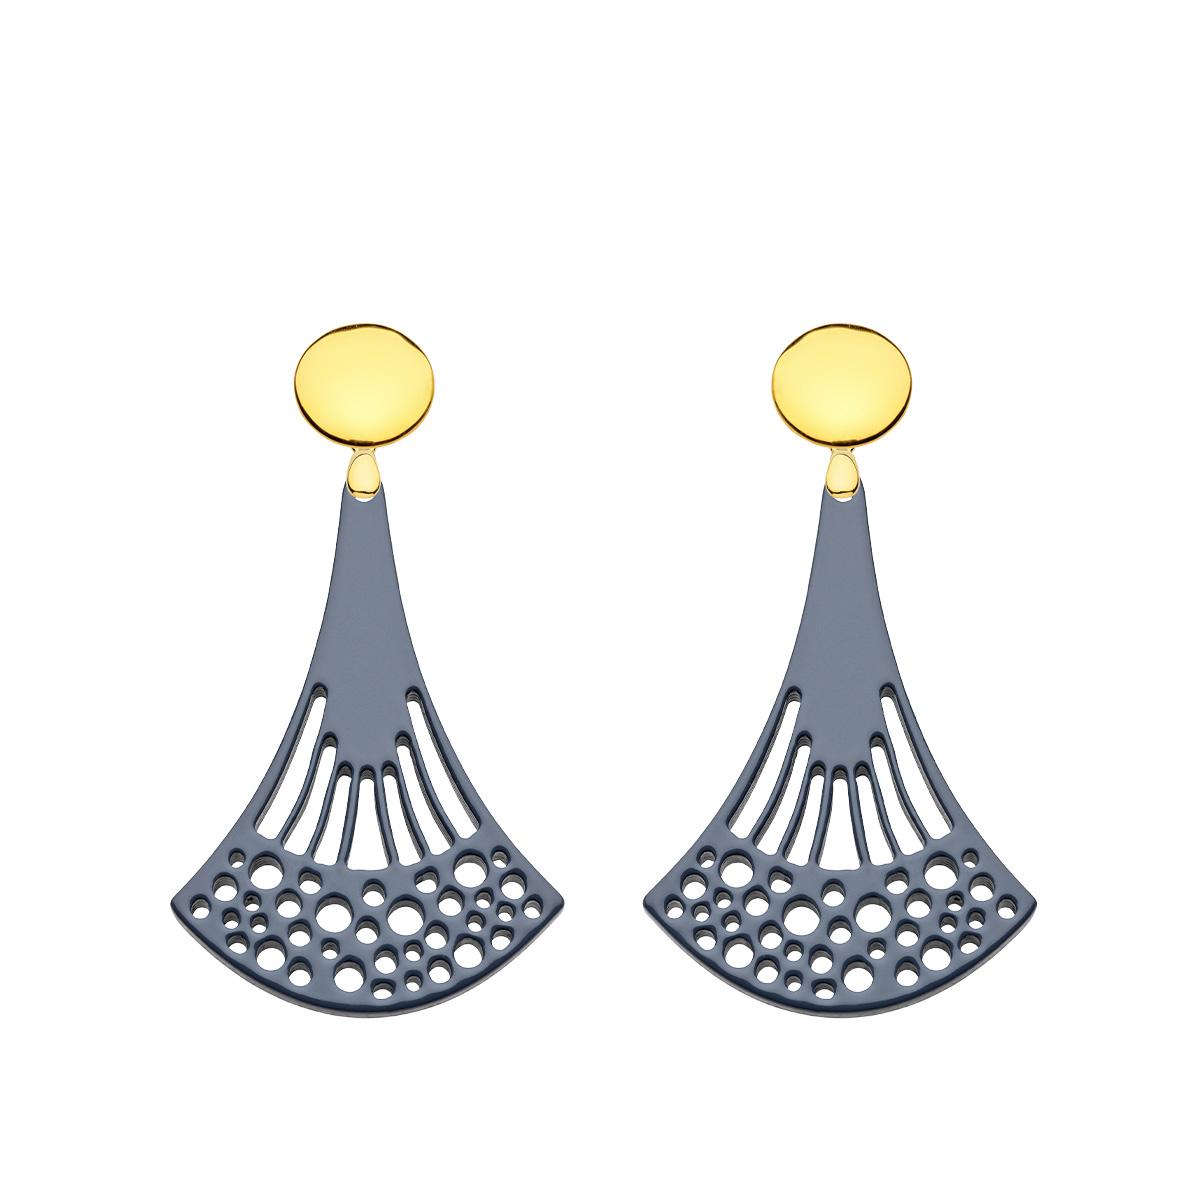 Ohrringe grau aus Horn mit runde Goldstecker in länglicher Form aus der Ponza Kollektion von Romy North